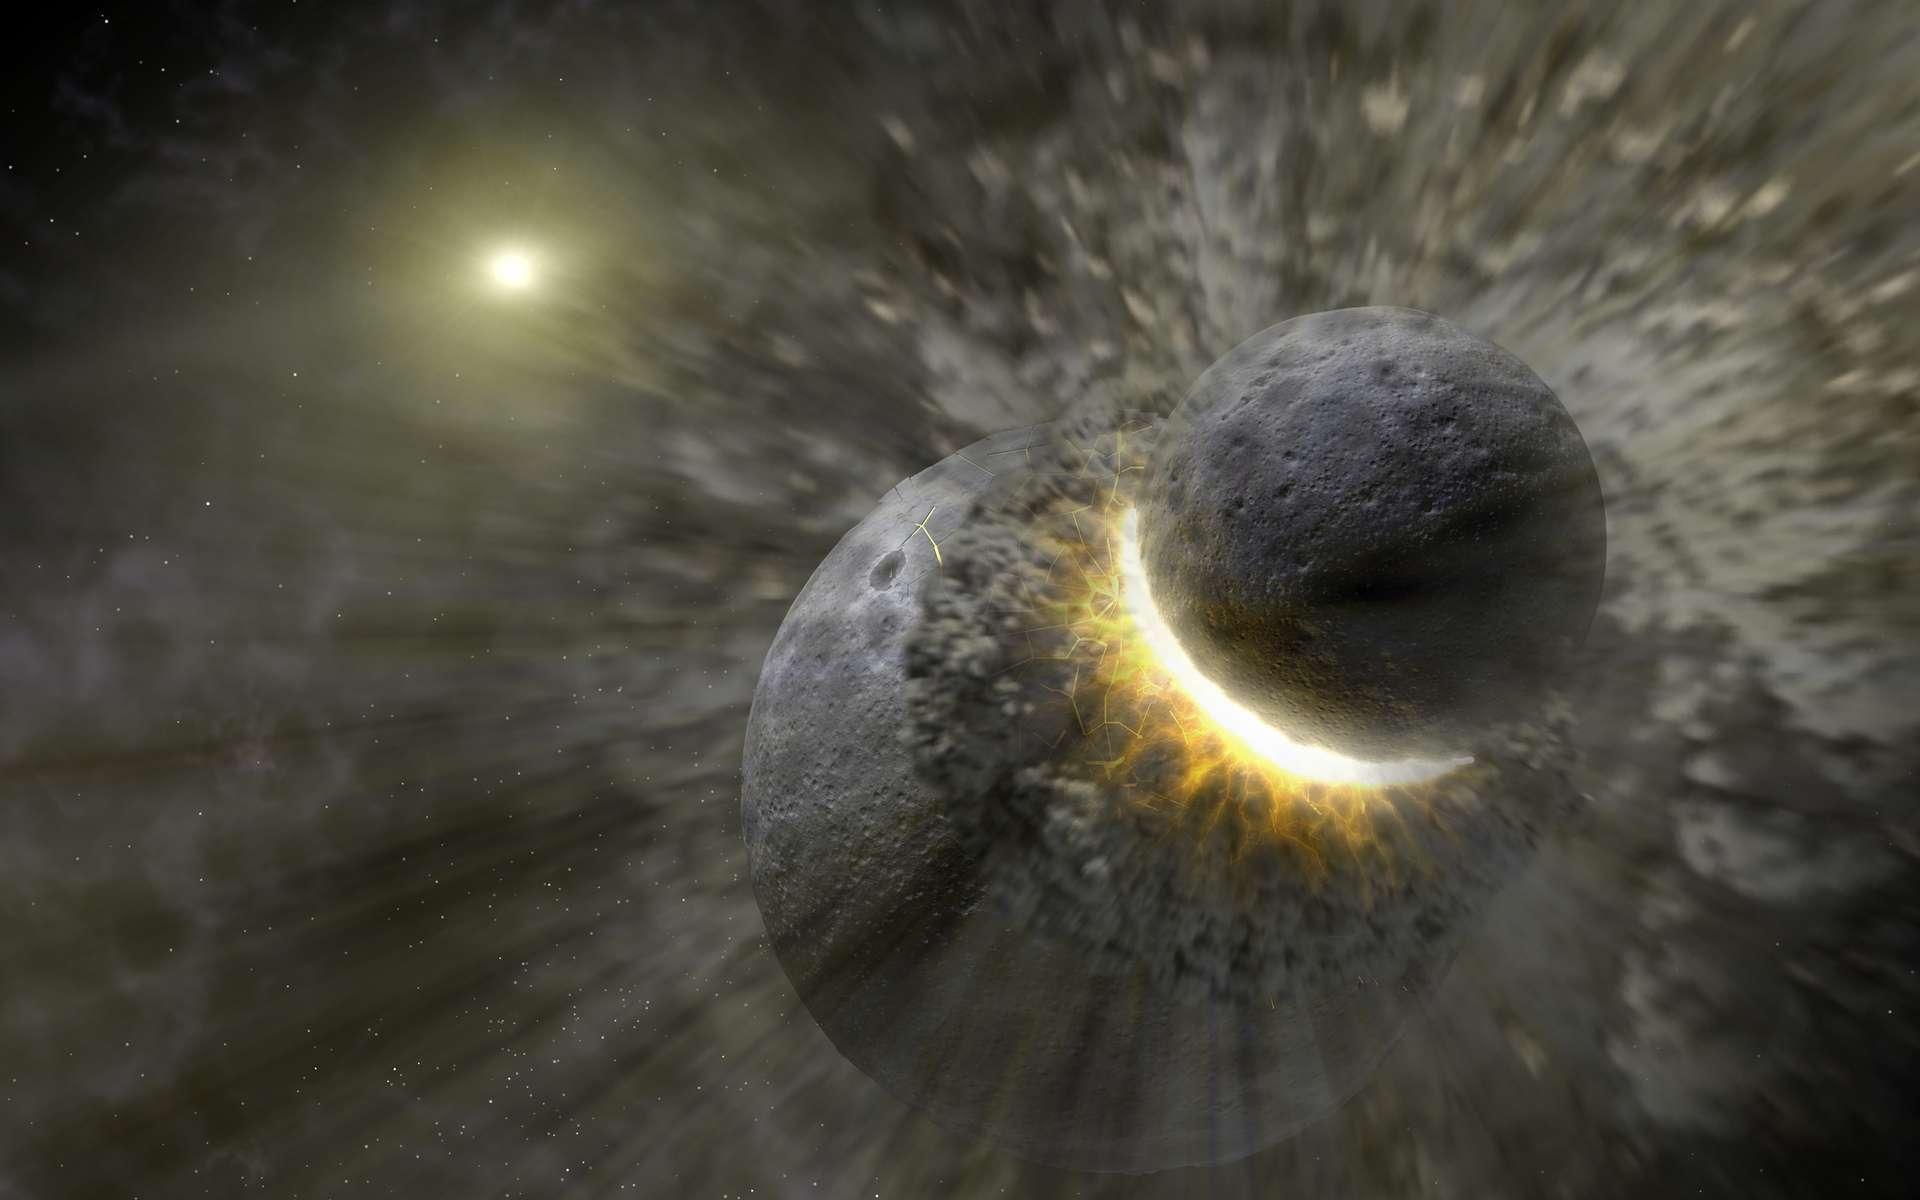 Que se passe-t-il quand deux astres entrent en collision ? Cette vue d'artiste reflète l'ampleur du phénomène : la formation d'un cercle massif de poussière. Elle représente des objets de la taille de Pluton près de l'étoile Véga. © Nasa, JPL-Caltech, T. Pyle (SSC/Caltech), Wikimedia Commons, DP